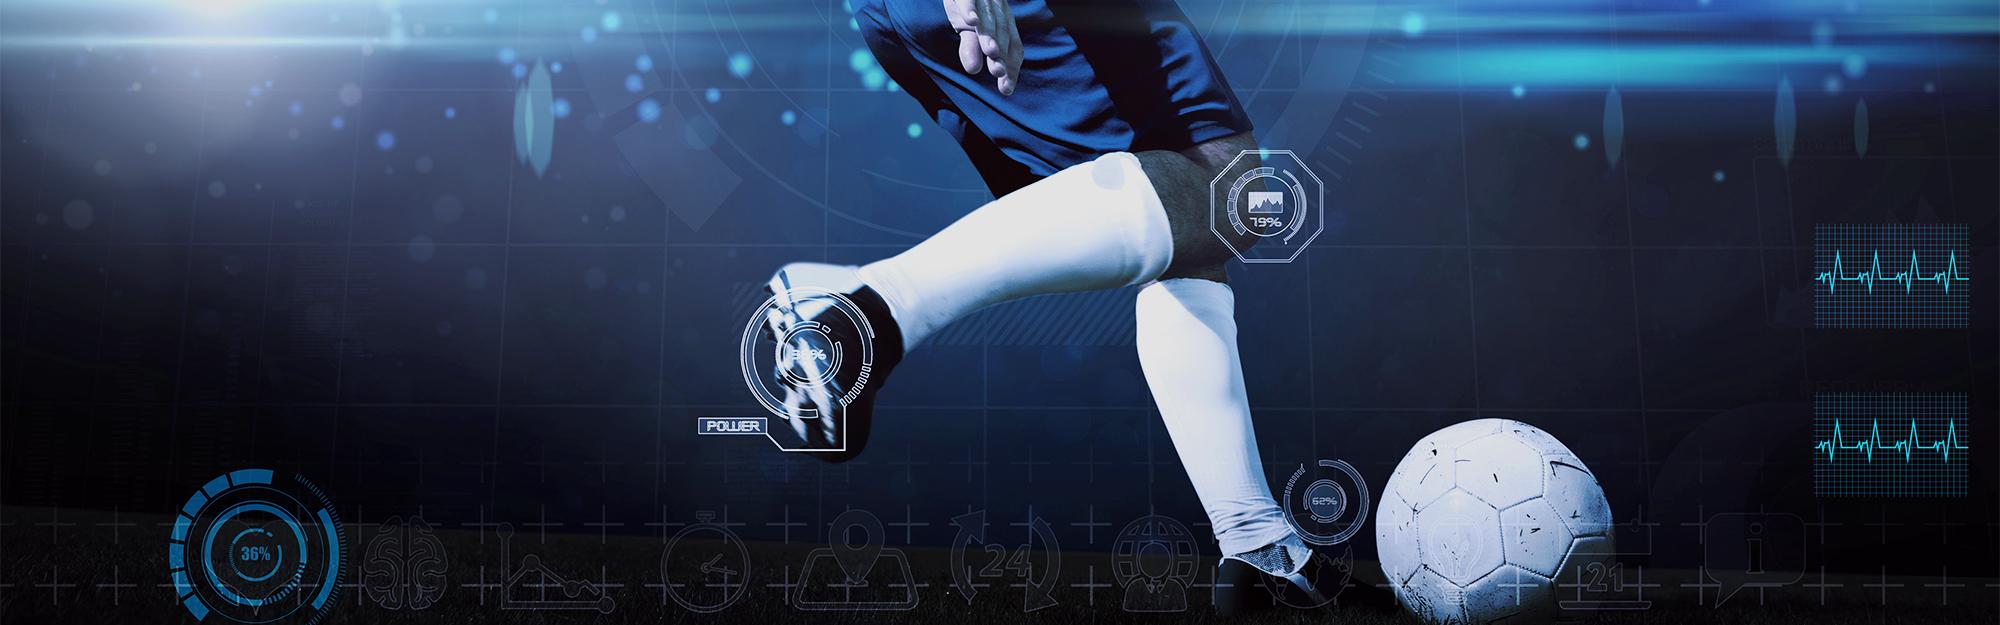 Sport 4.0: come le nuove tecnologie stanno rivoluzionando la Sport Industry